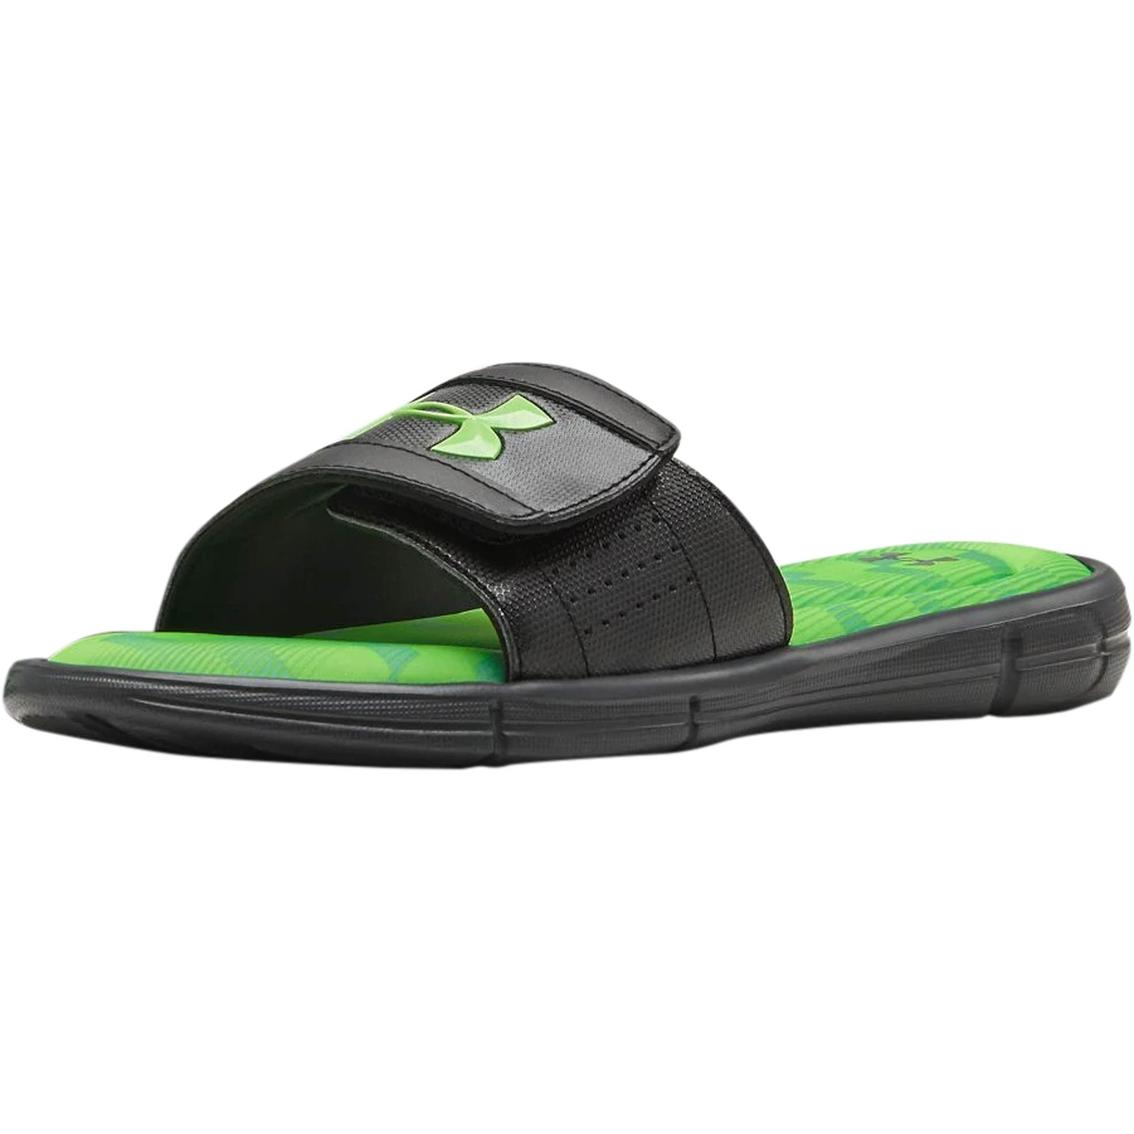 a1b47144 Under Armour Men's Ignite V Stagger Slides | Sandals & Flip Flops ...